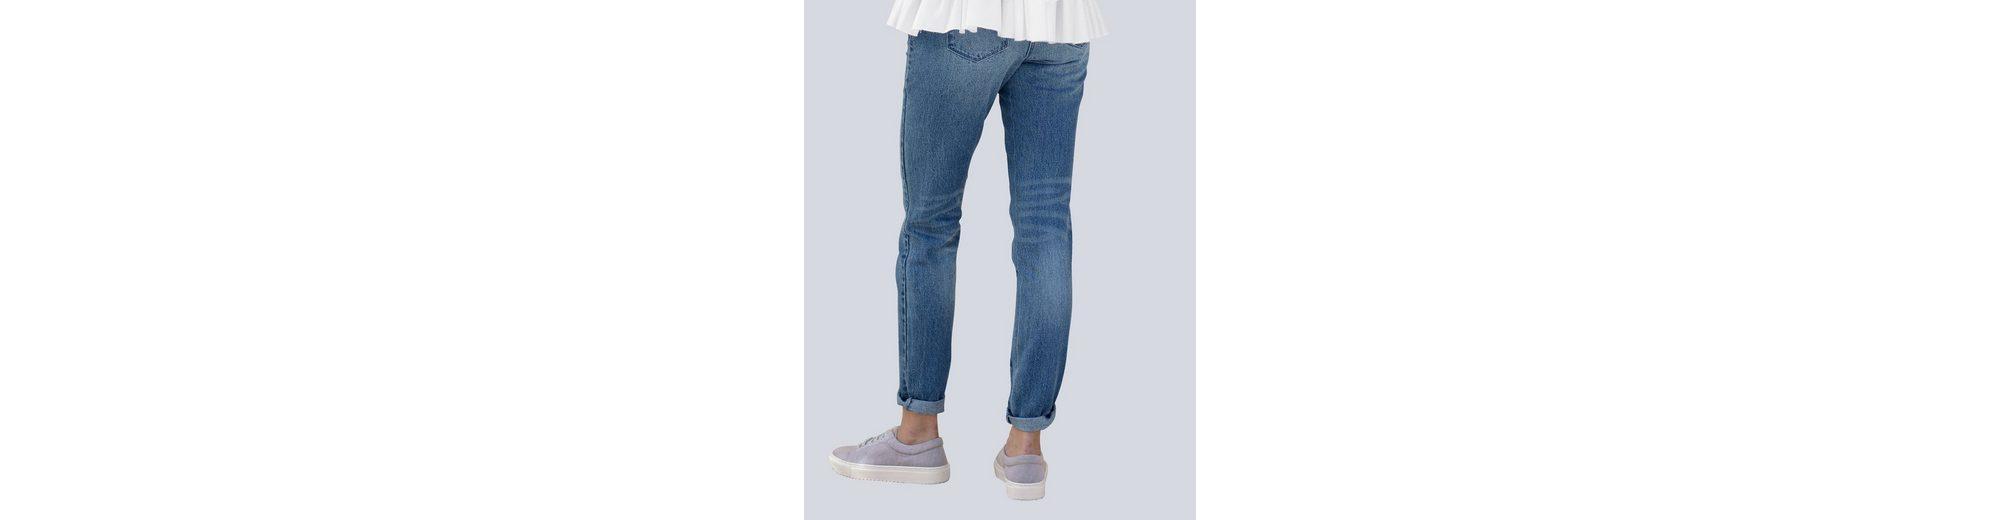 Alba Moda Jeans mit Stickerei und Nieten Billig Besuch Neu Rabatt Neueste Qualitativ Hochwertige Online-Verkauf Vjiu2